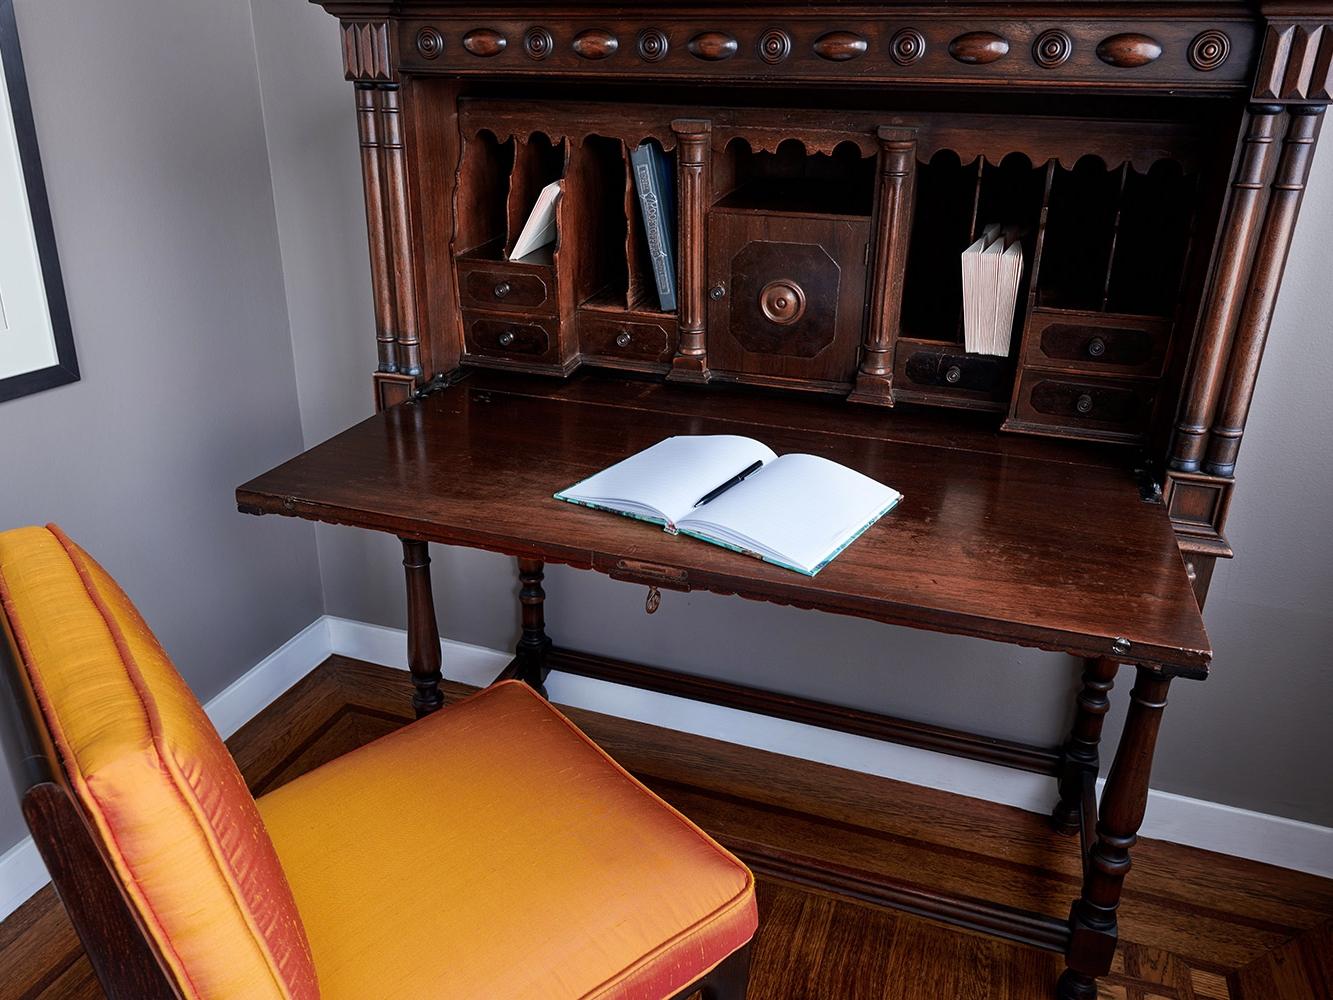 Antique desk restoration San Francisco Bay Area and Los Angeles